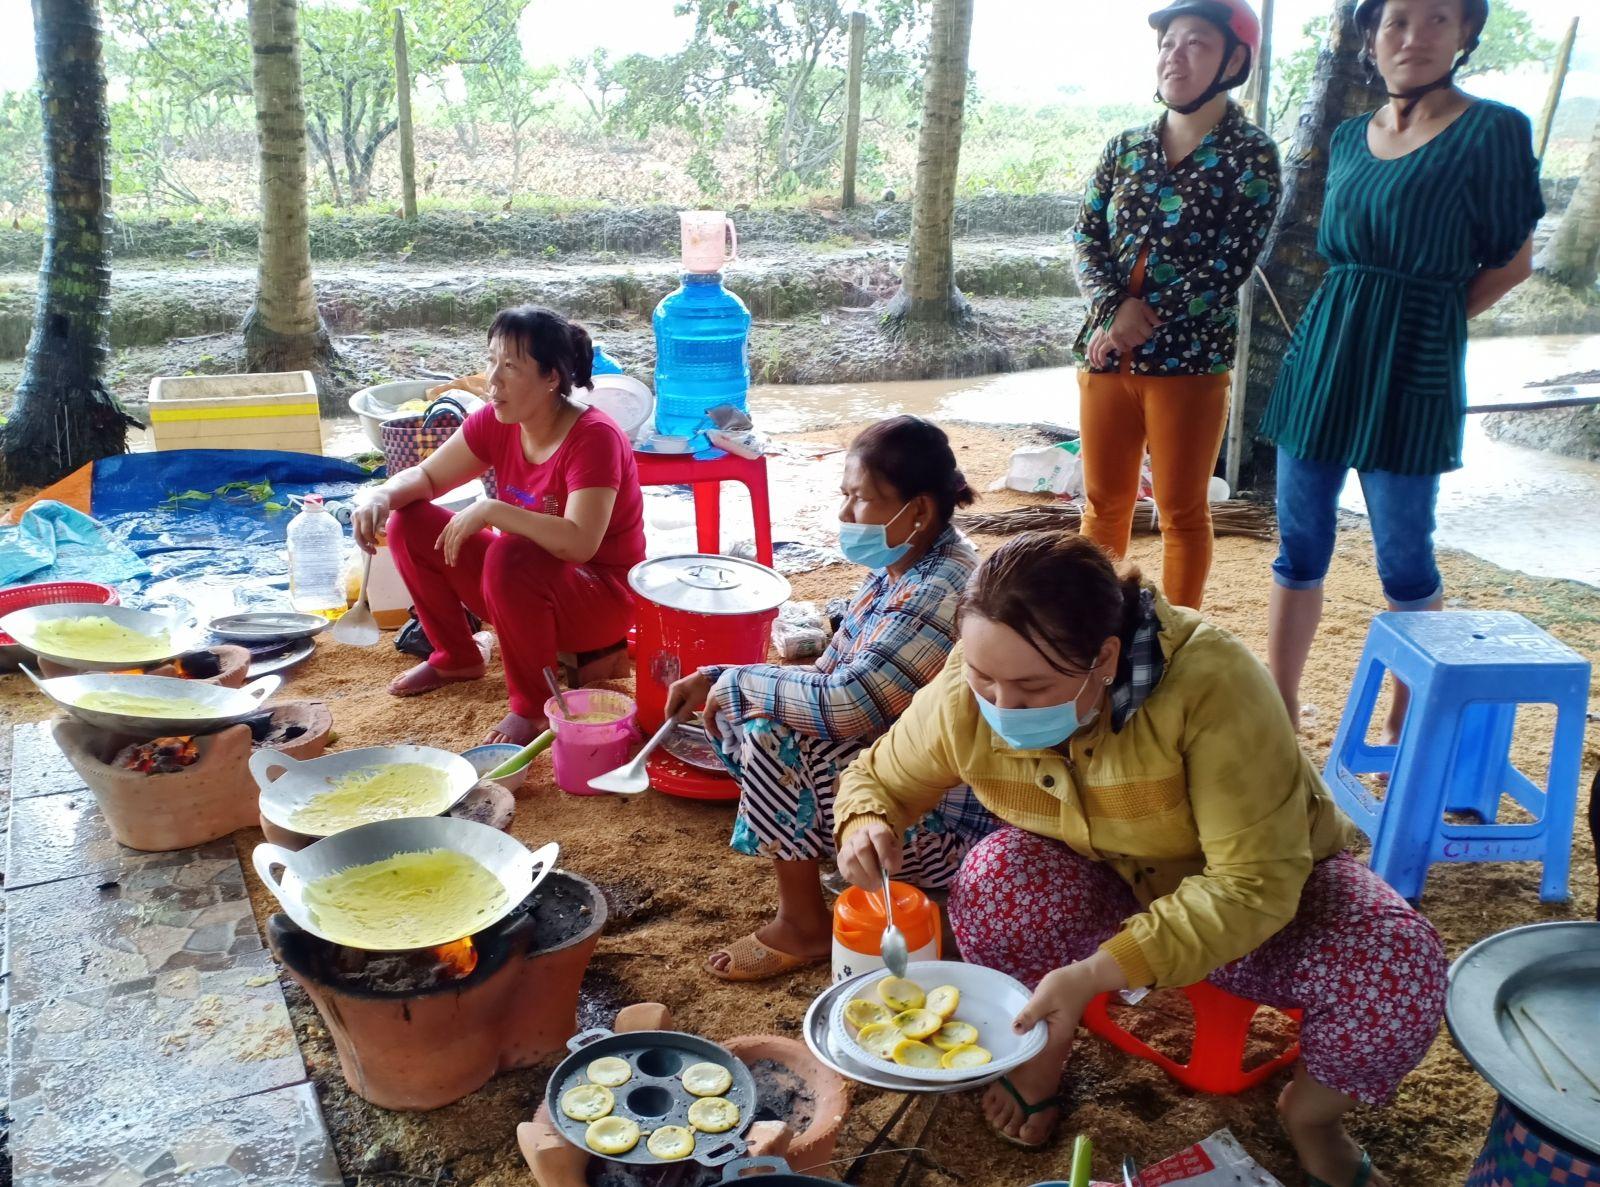 Đổ bánh khọt, bánh xèo phục vụ khách tại vườn dừa dịp lễ hội.